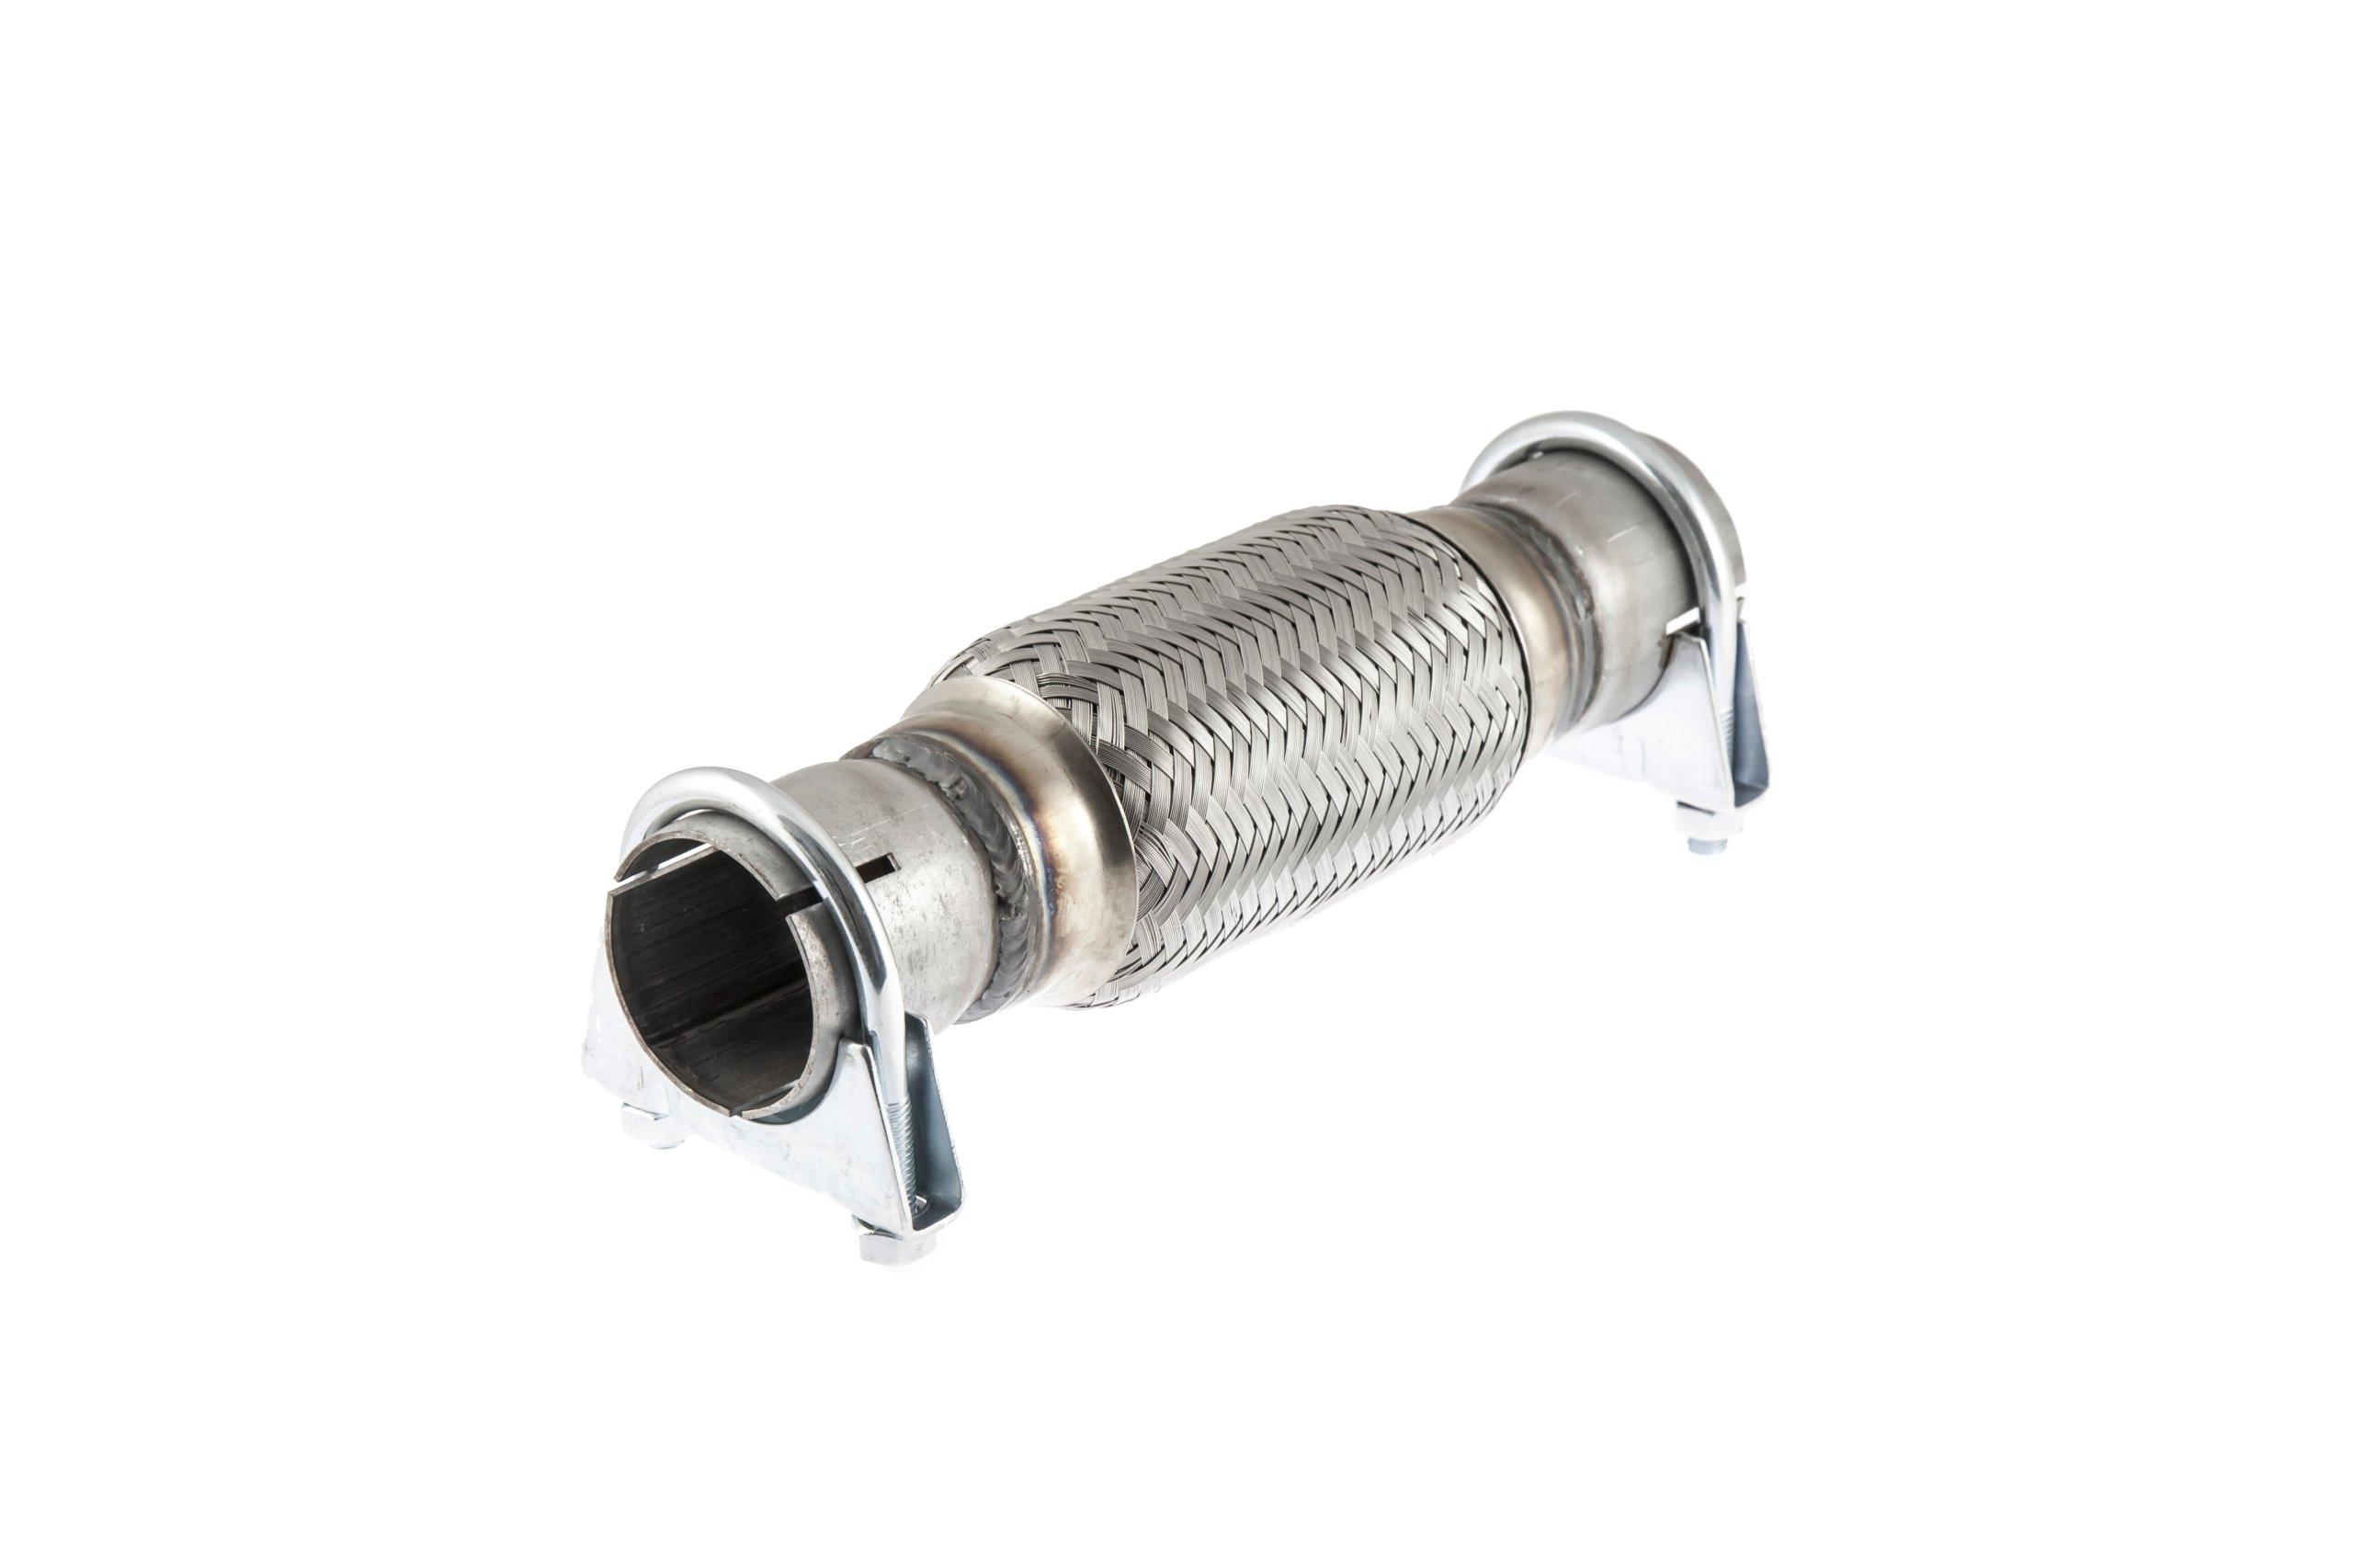 Эластичный соединитель глушителя FIAT Punto Stilo 1.2